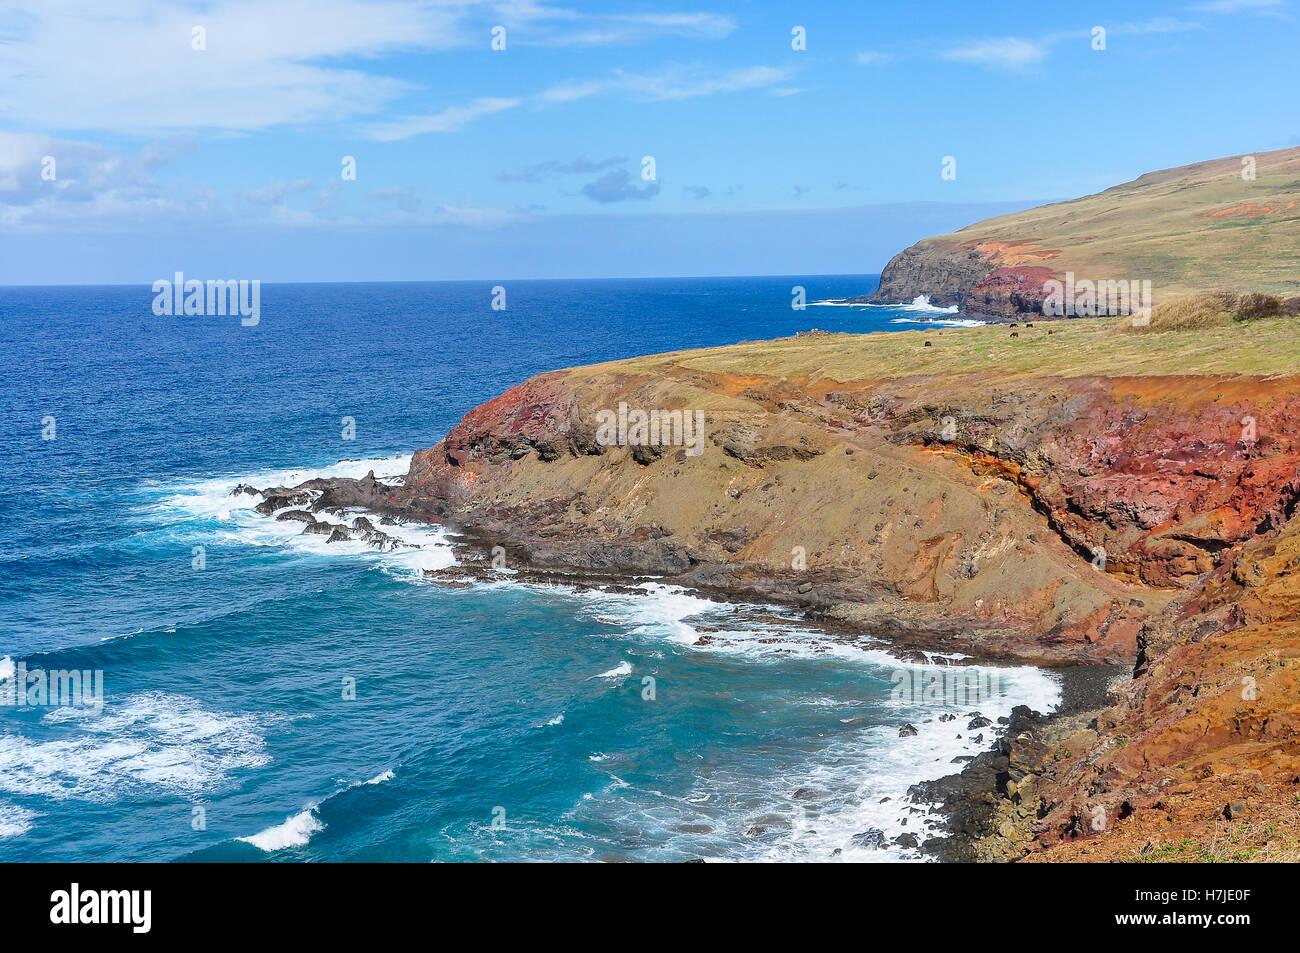 Ruvido paesaggio costiero nell isola di pasqua, Cile Immagini Stock